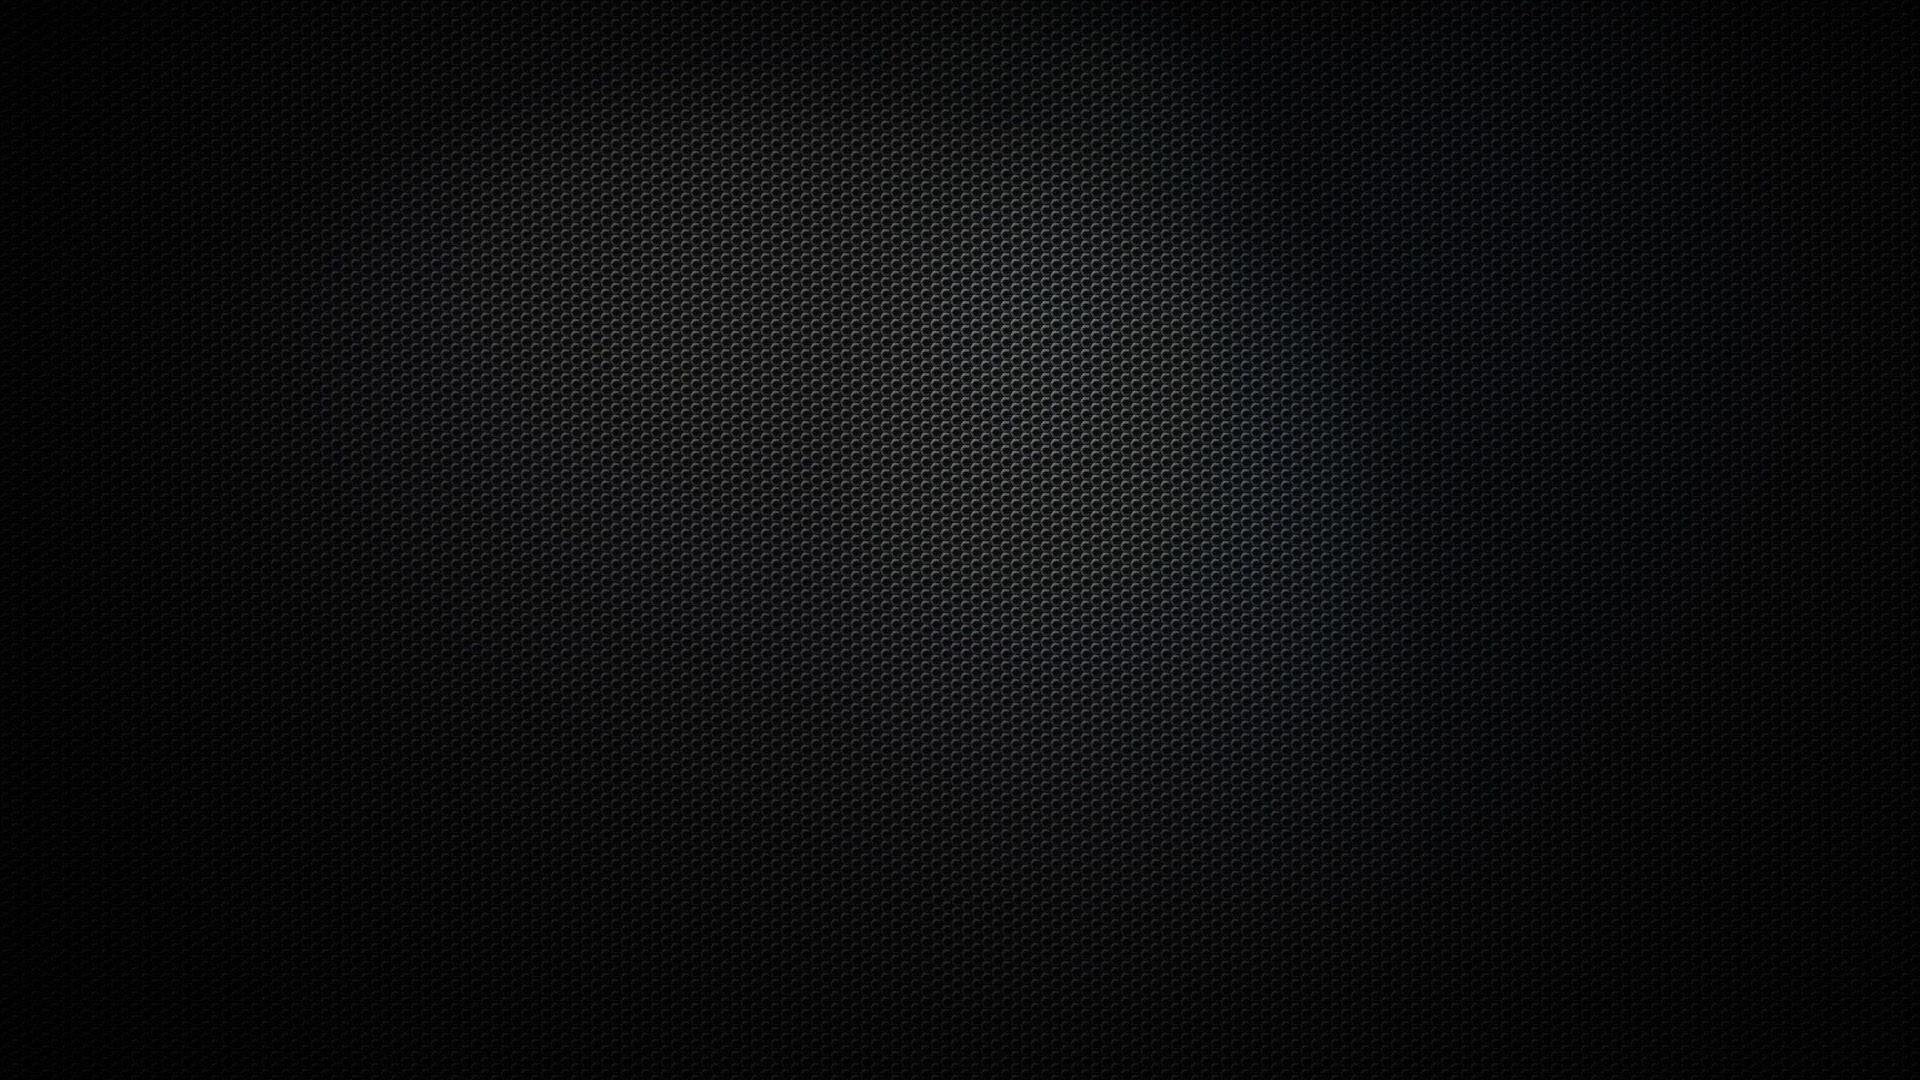 cool dark background 183��